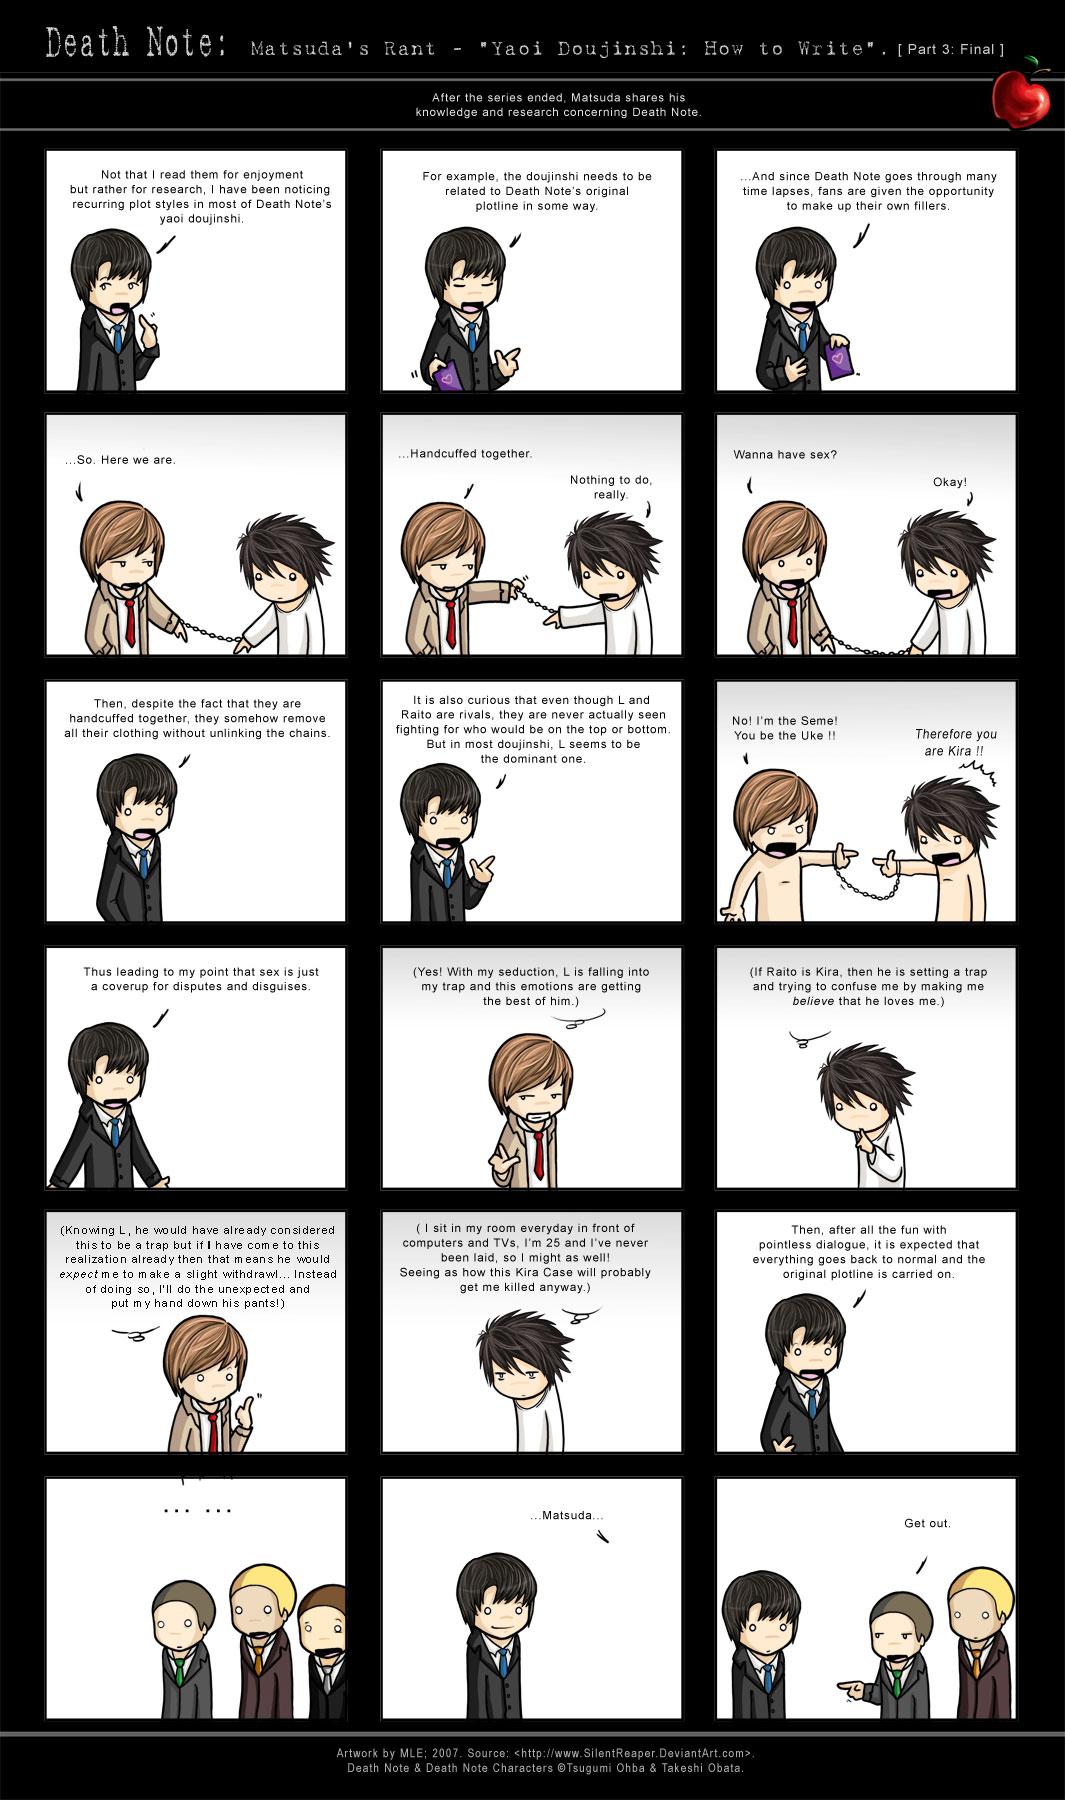 Matsuda's Rant: HTWrite Yaoi by SilentReaper